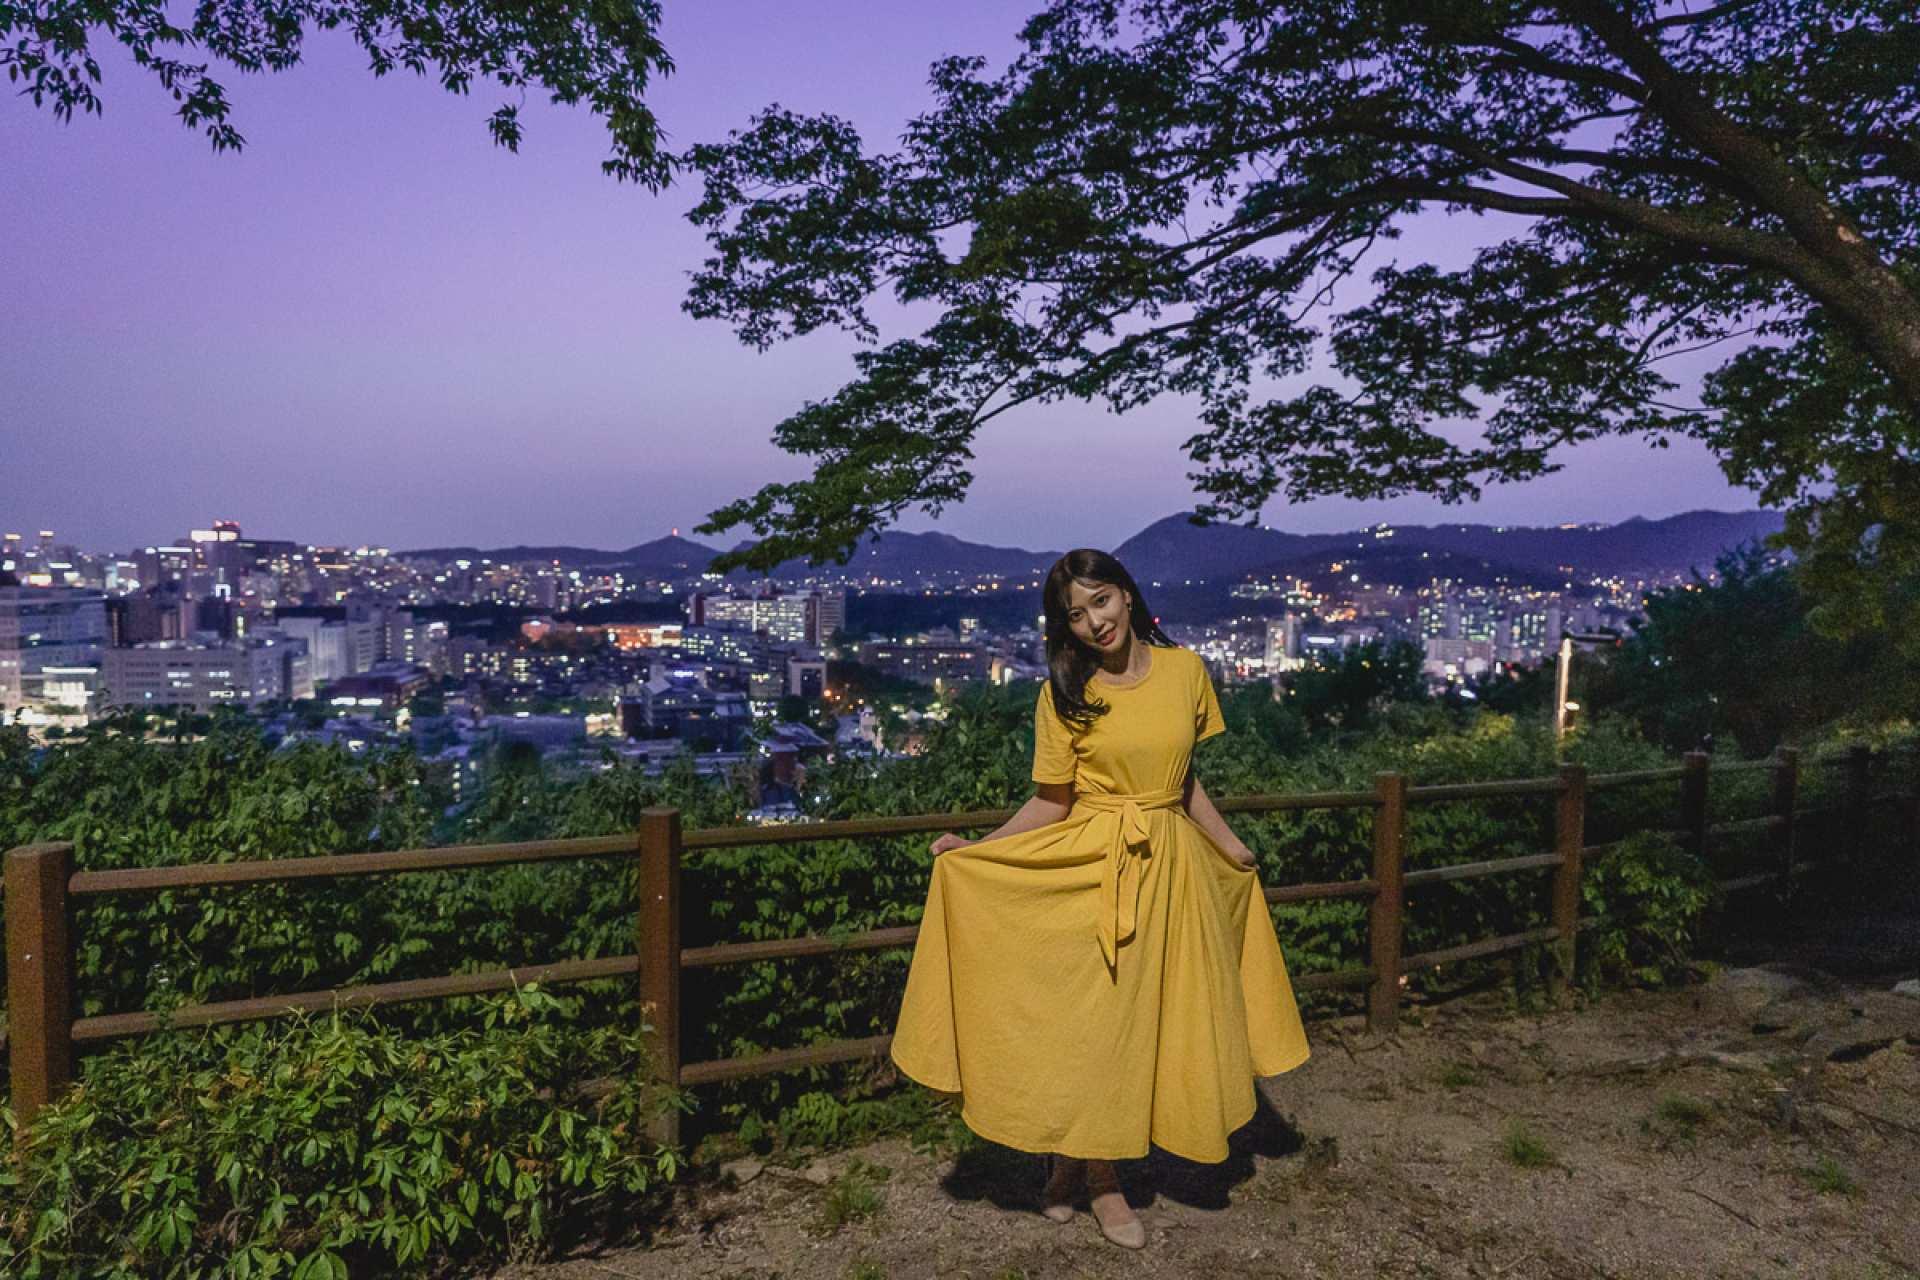 【首爾人氣街拍】駱山公園夜景街拍體驗